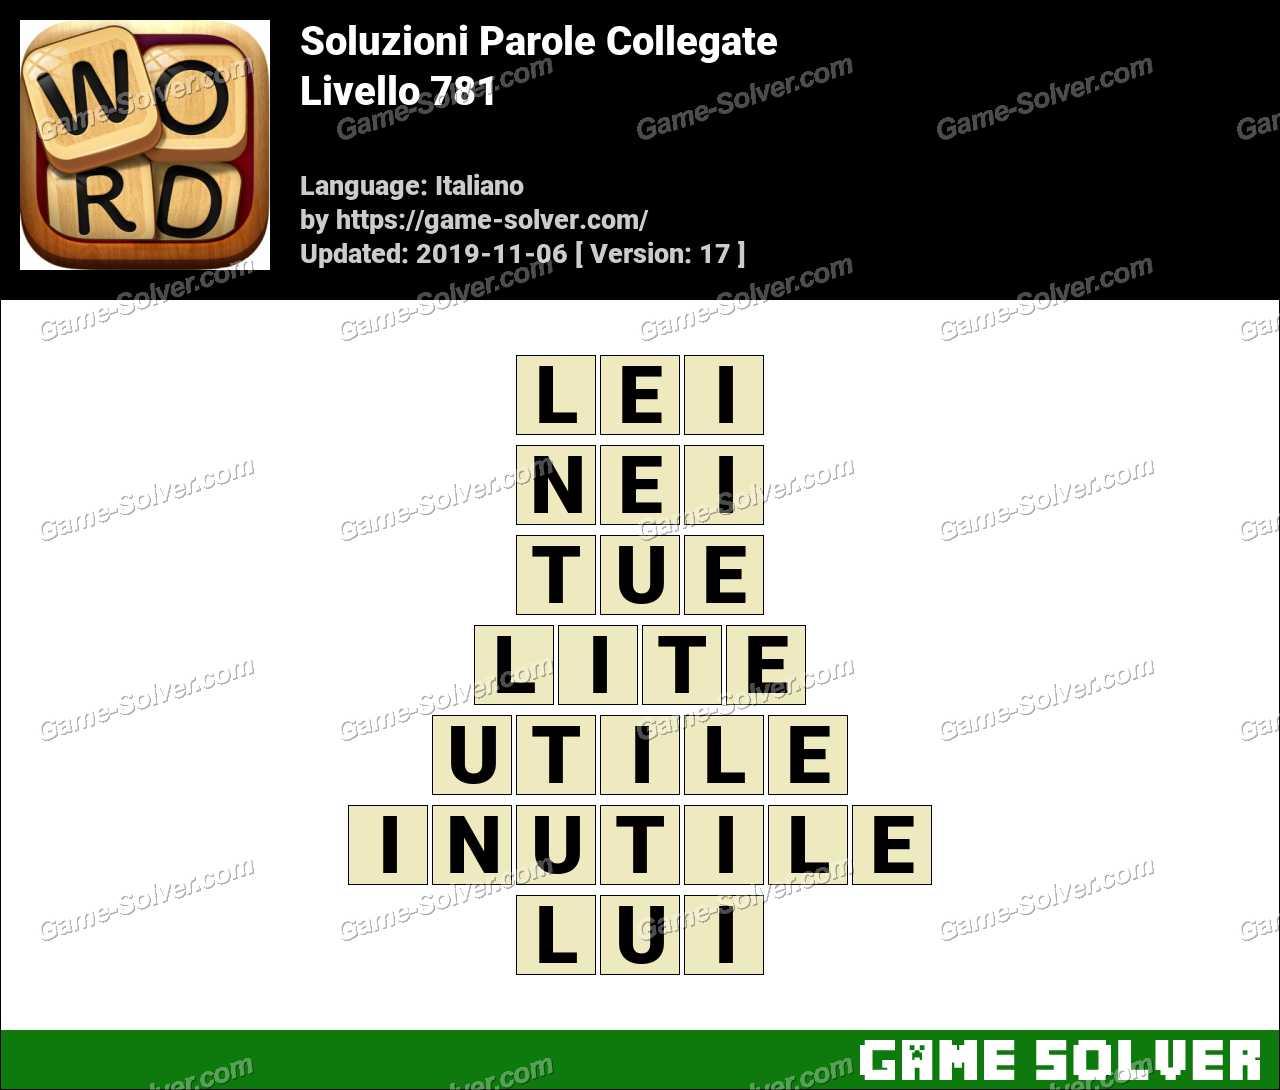 Soluzioni Parole Collegate Livello 781